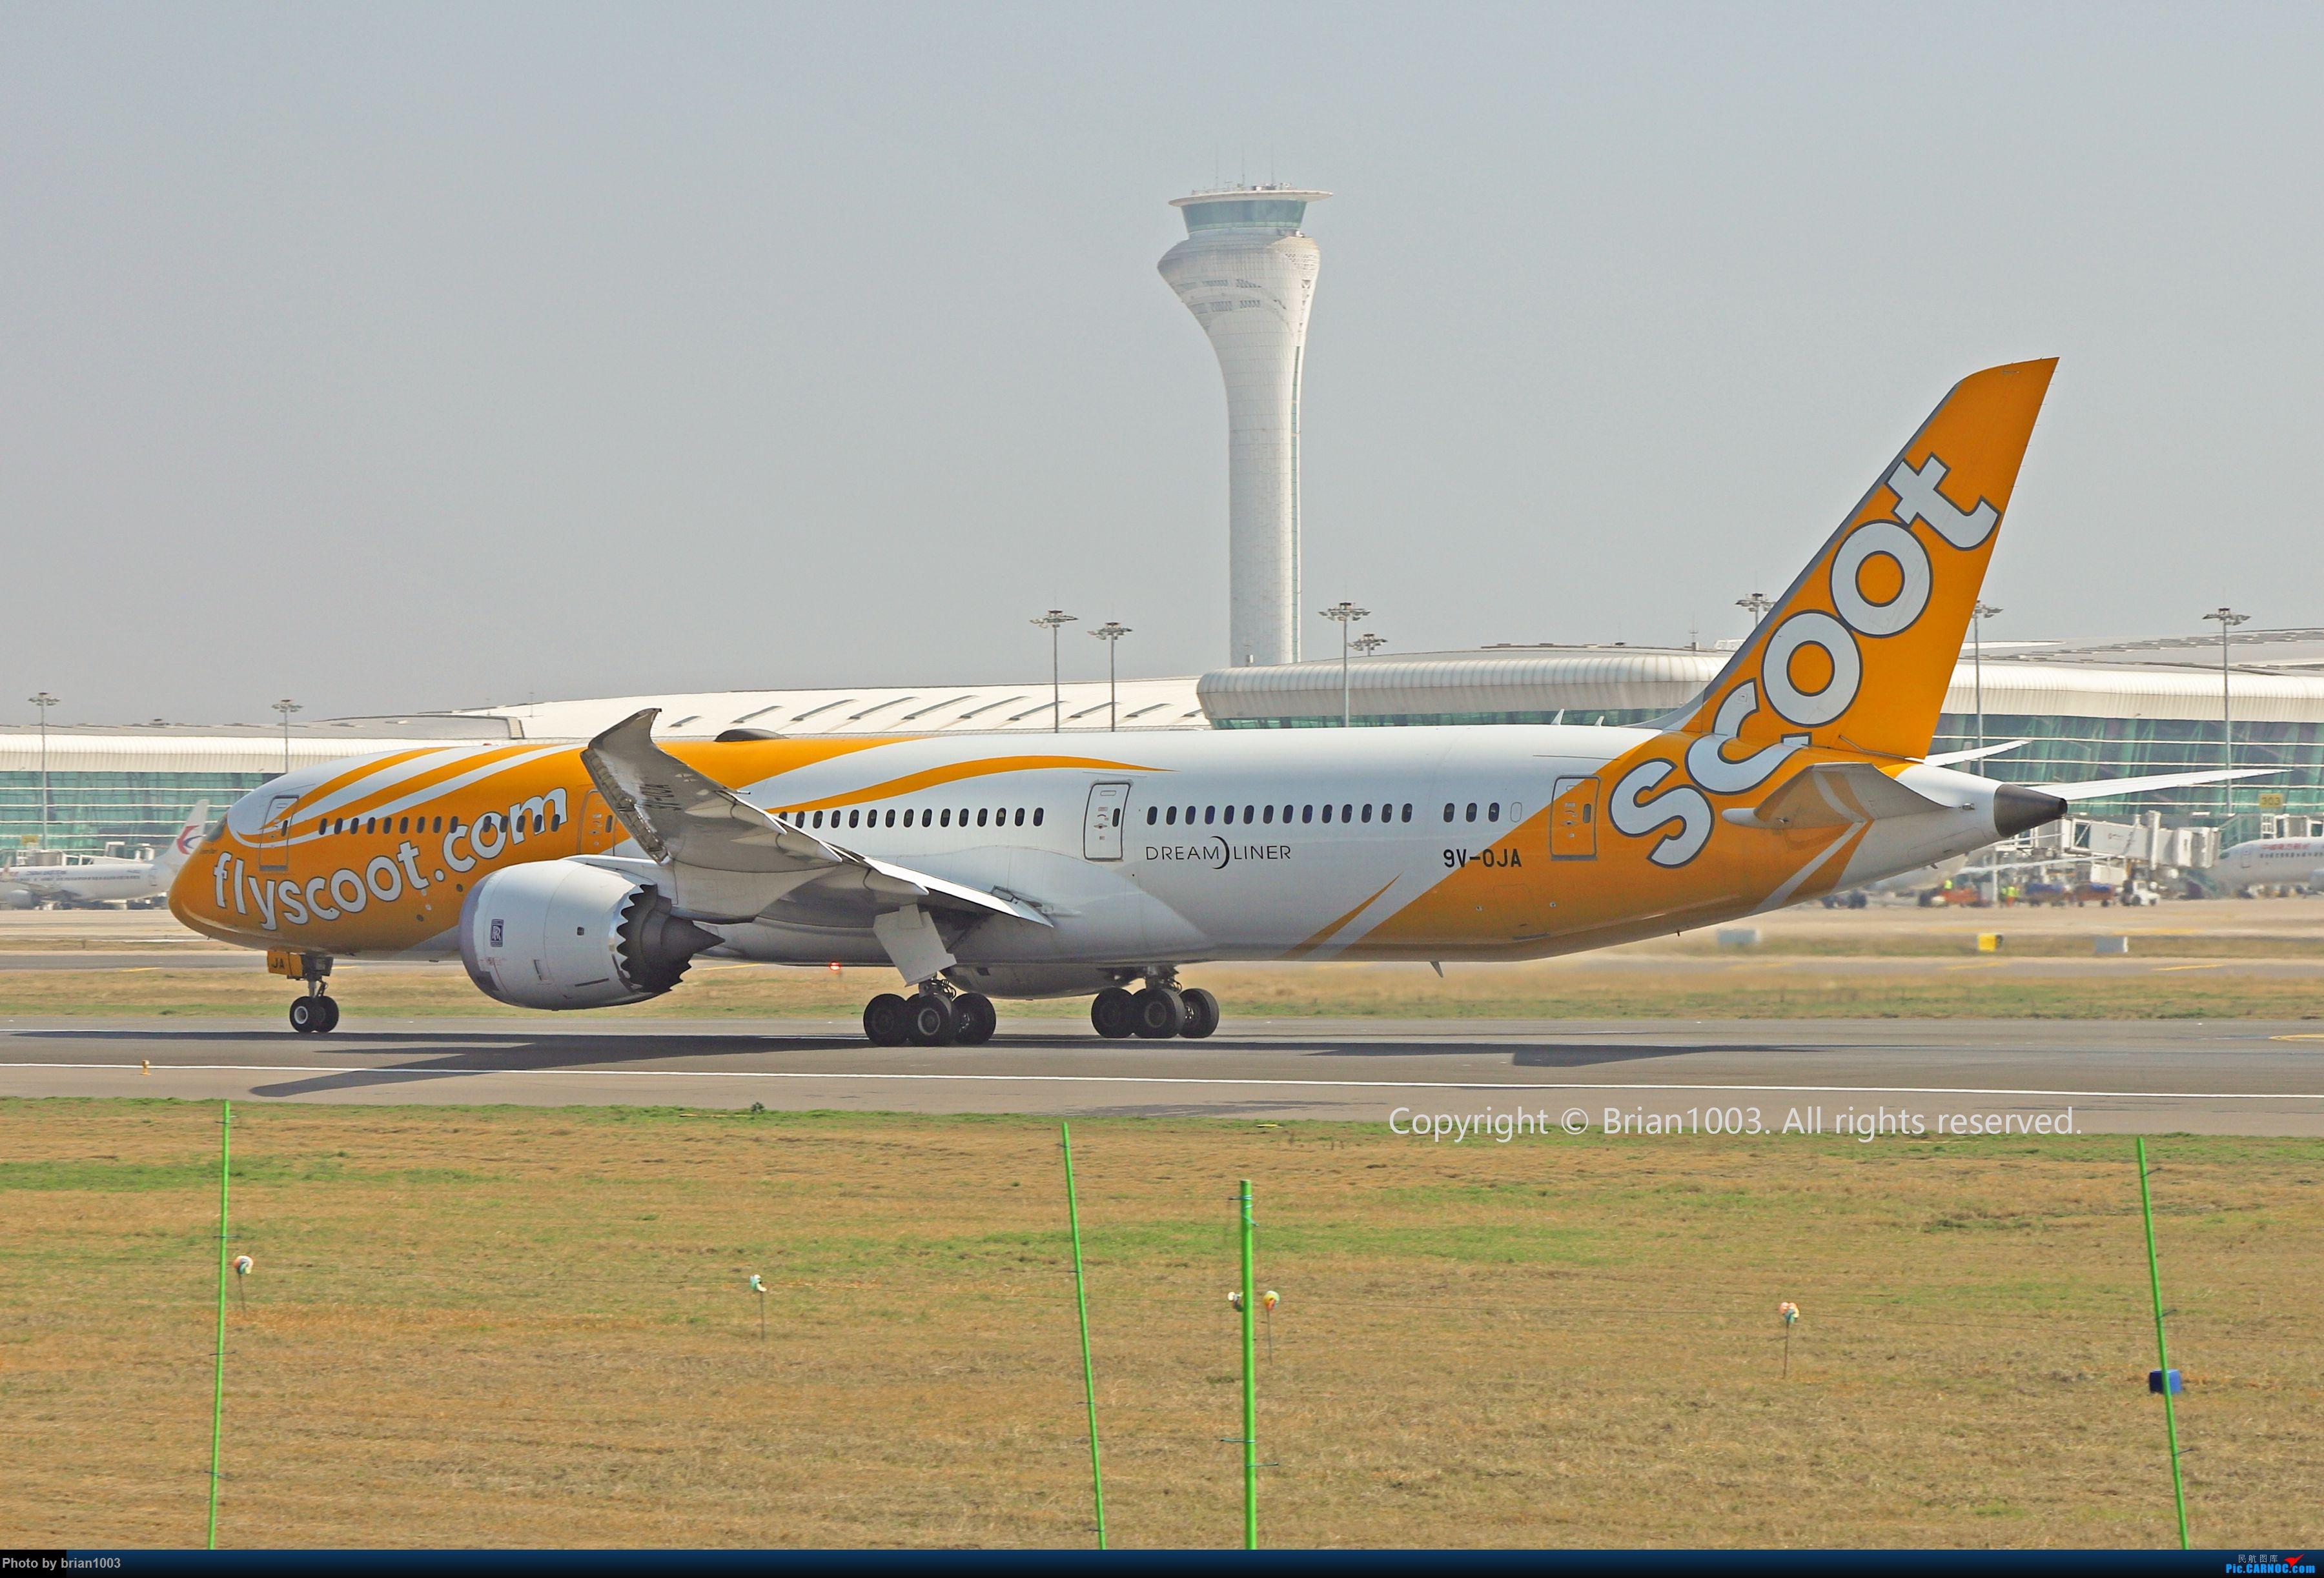 Re:[原创]WUH天河机场2021年拍机之二月 BOEING 787-9 9V-OJA 中国武汉天河国际机场